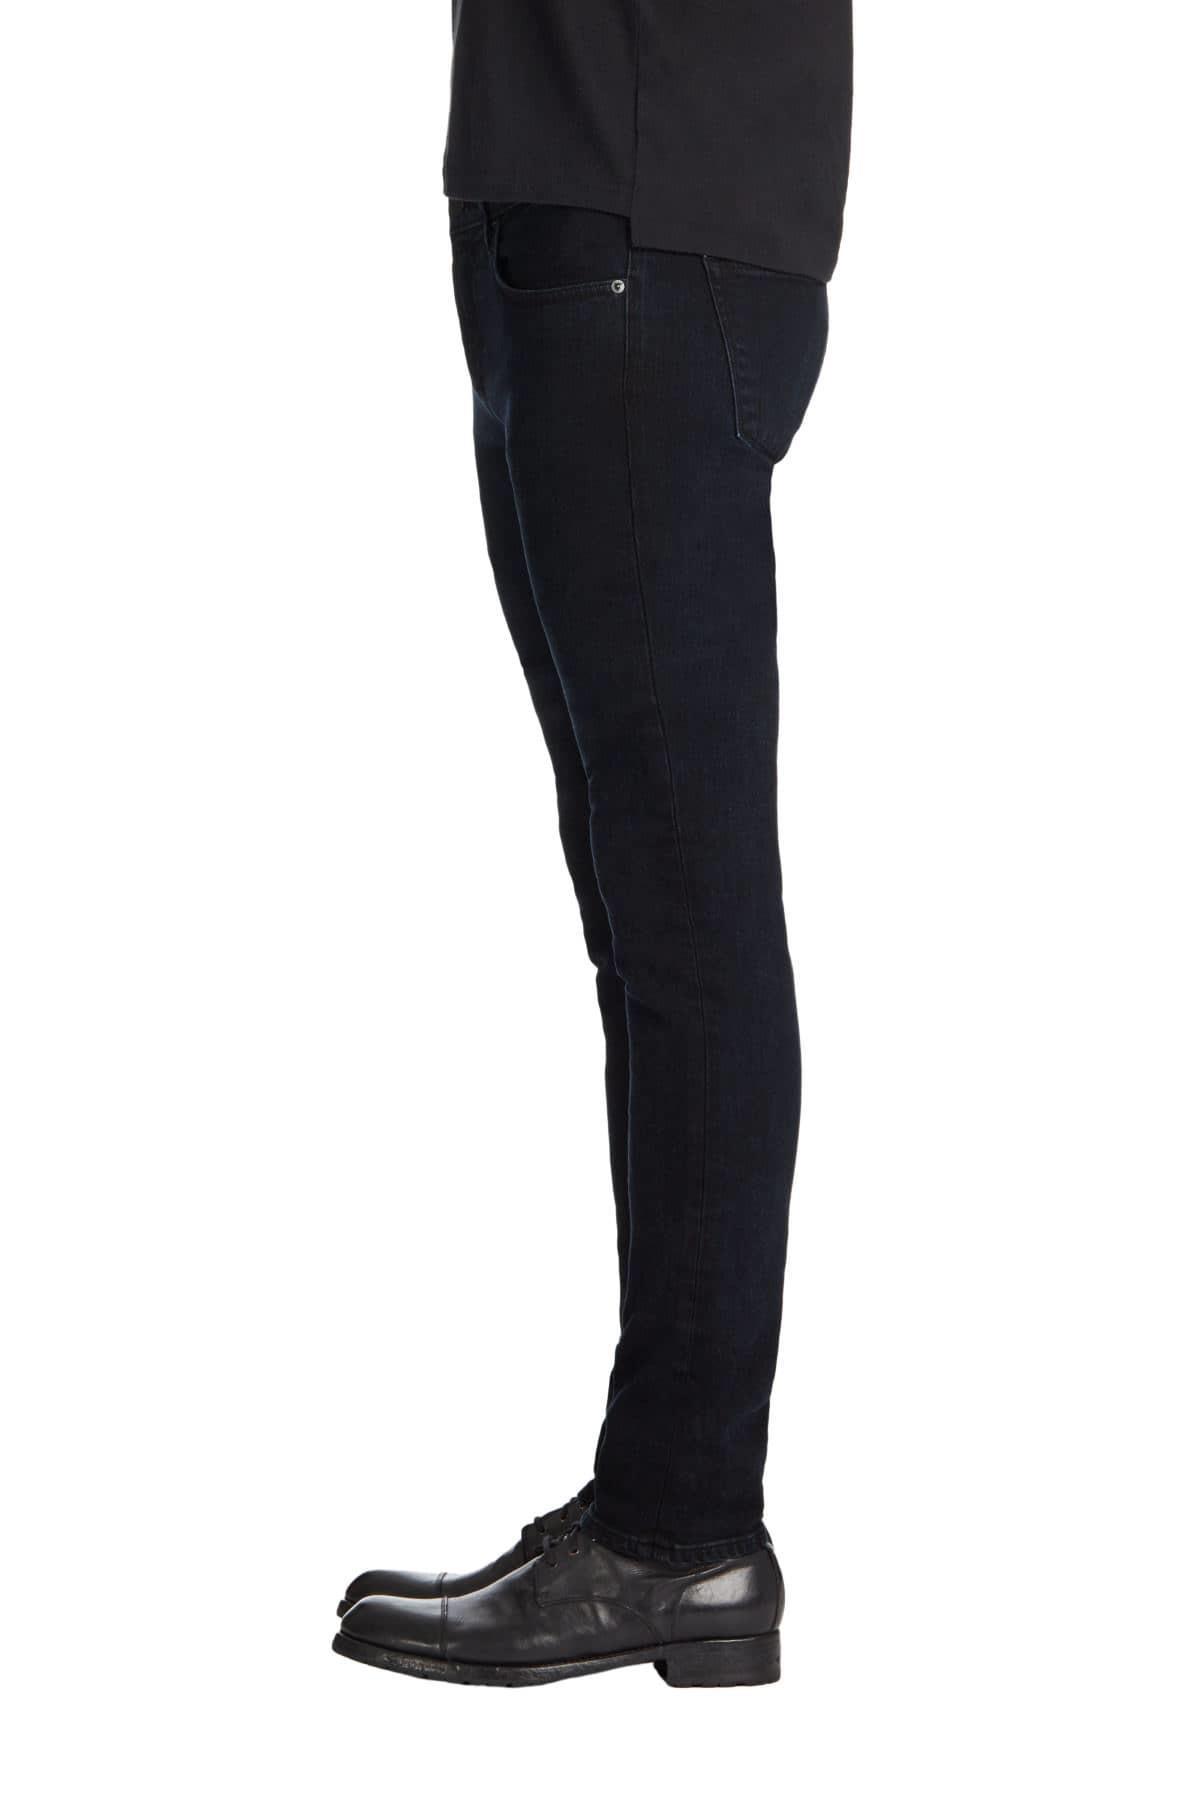 J Brand Mick Skinny Fit In Caput in Black for Men